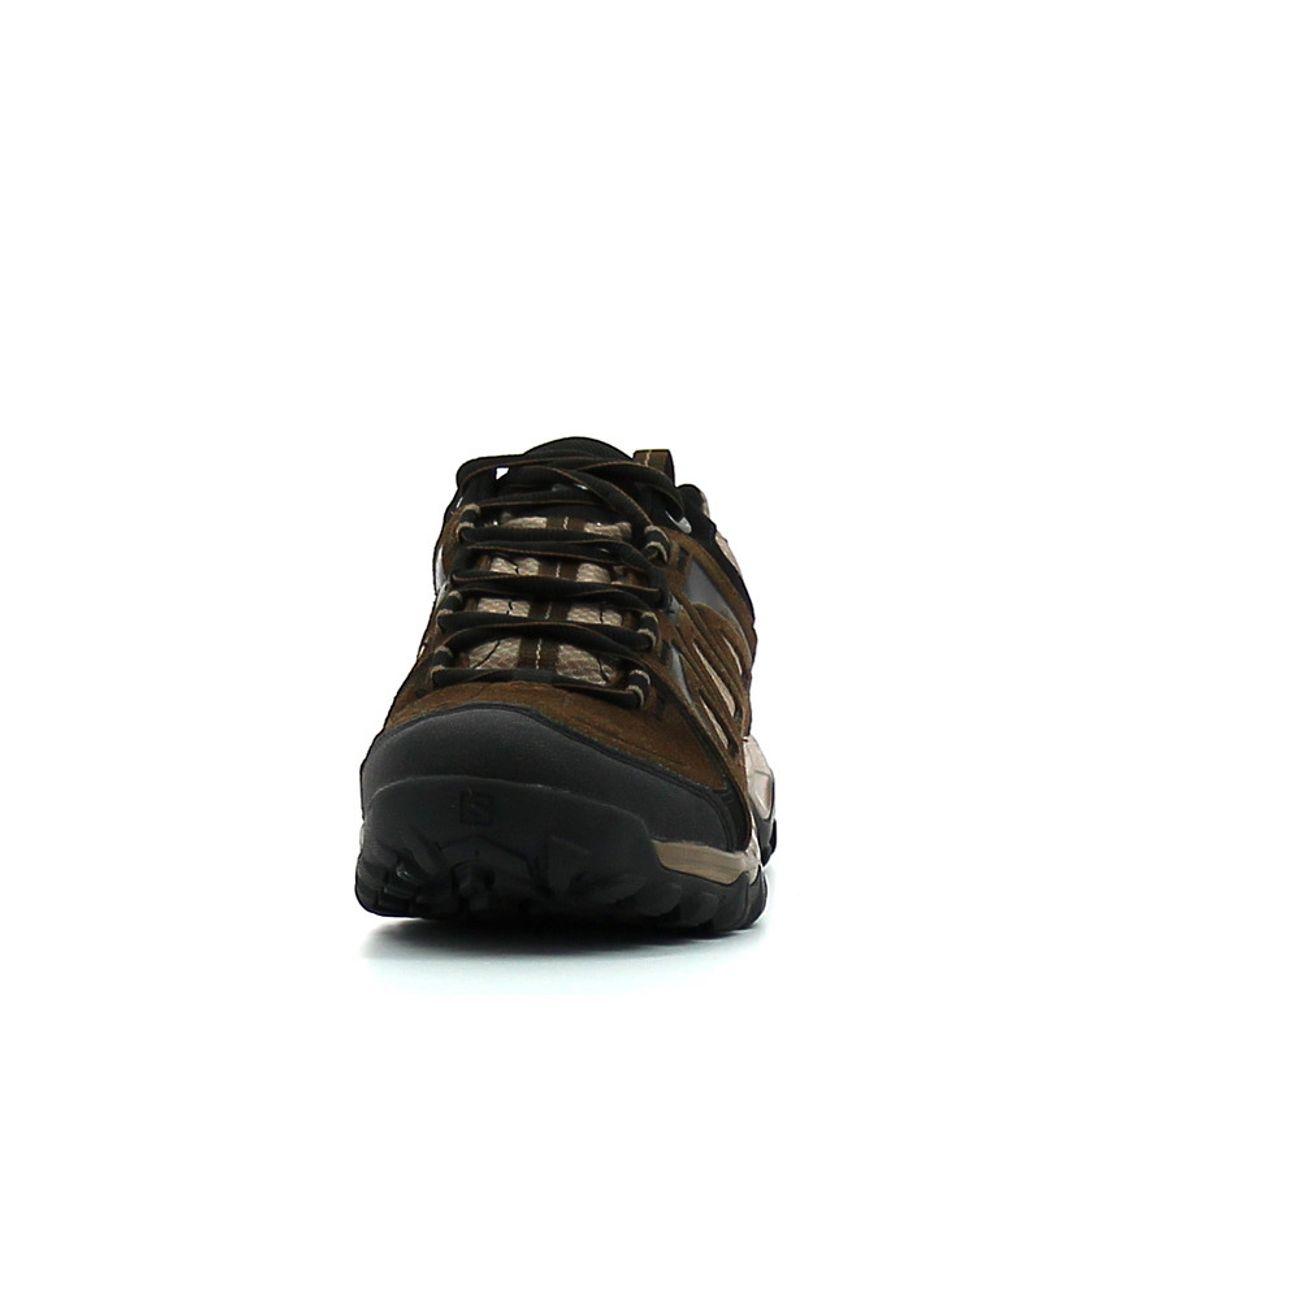 Achat Chaussure Gtx Prix Randonnée Et De – Salomon Evasion Goretex 3TlFc1JuK